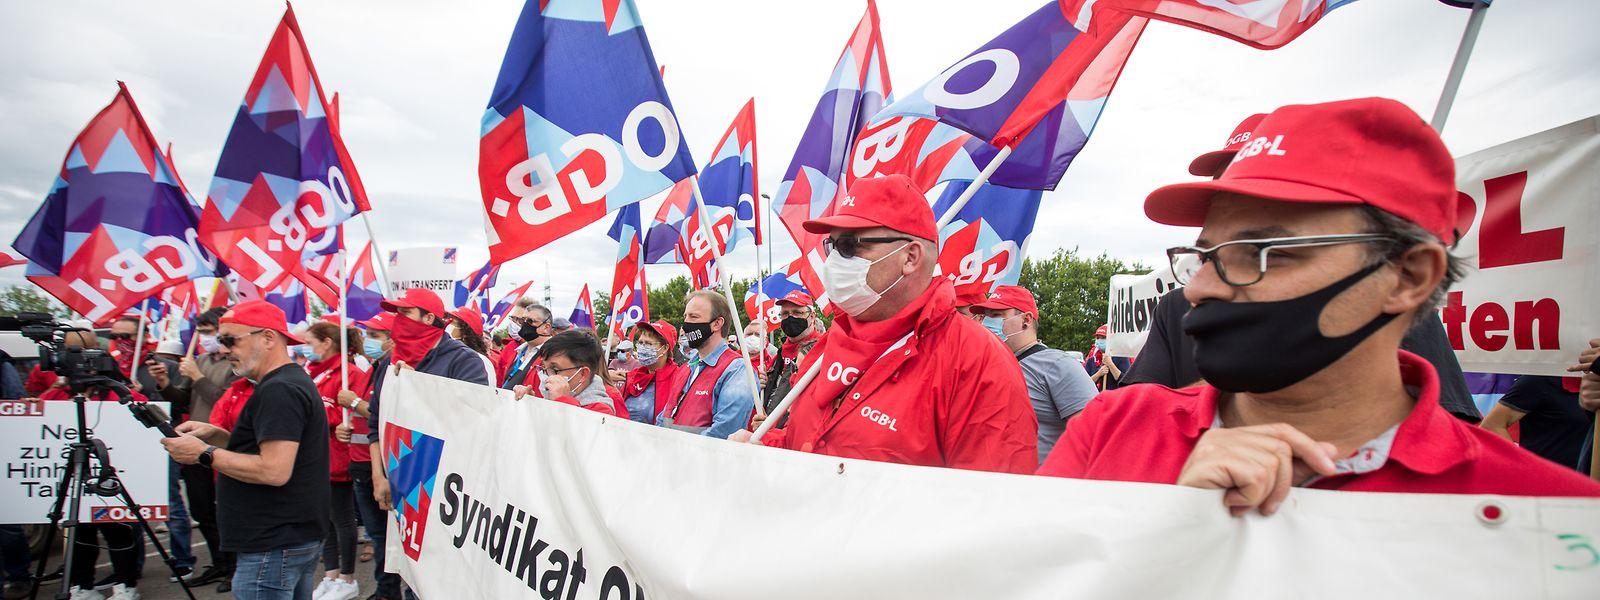 Le conflit s'était notamment traduit par la tenue d'un piquet de protestation devant l'usine Luxguard II à Dudelange